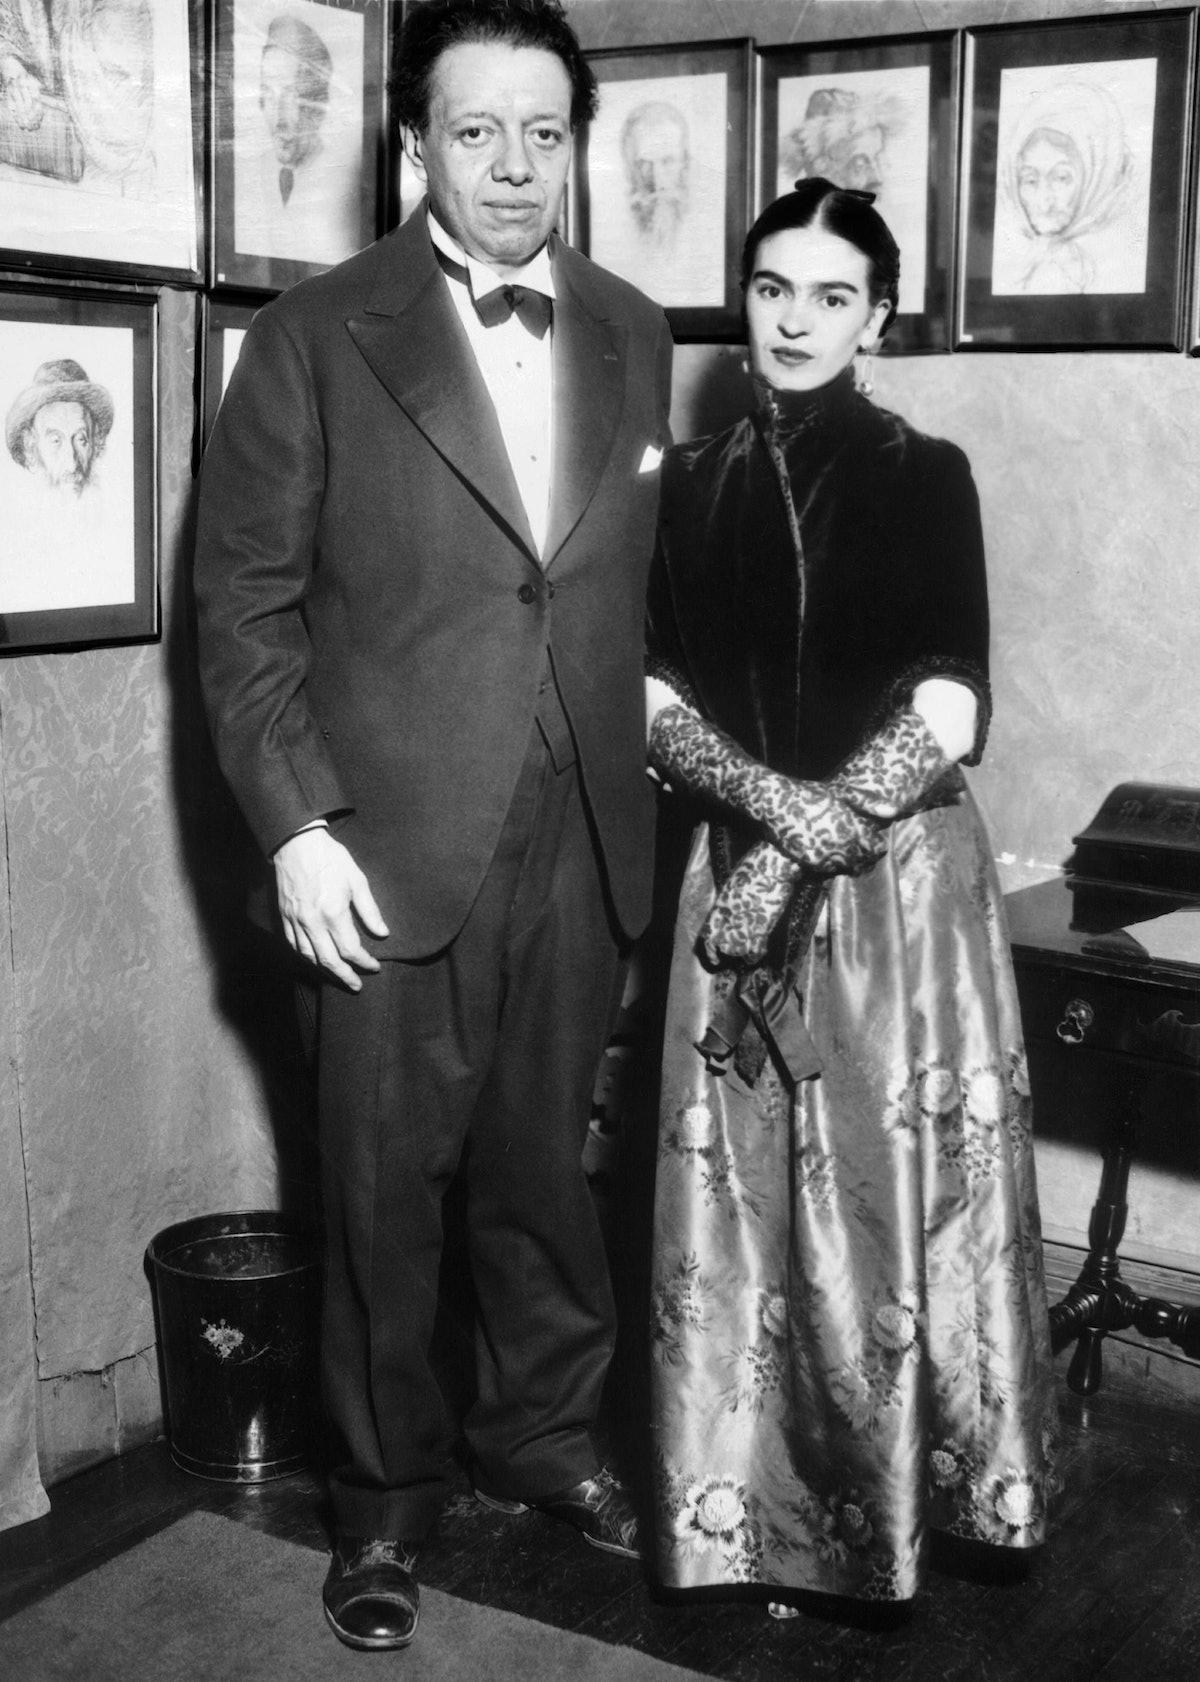 LES EPOUX ET PEINTRES DIEGO RIVERA ET FRIDA KAHLO A NEW YORK 1933